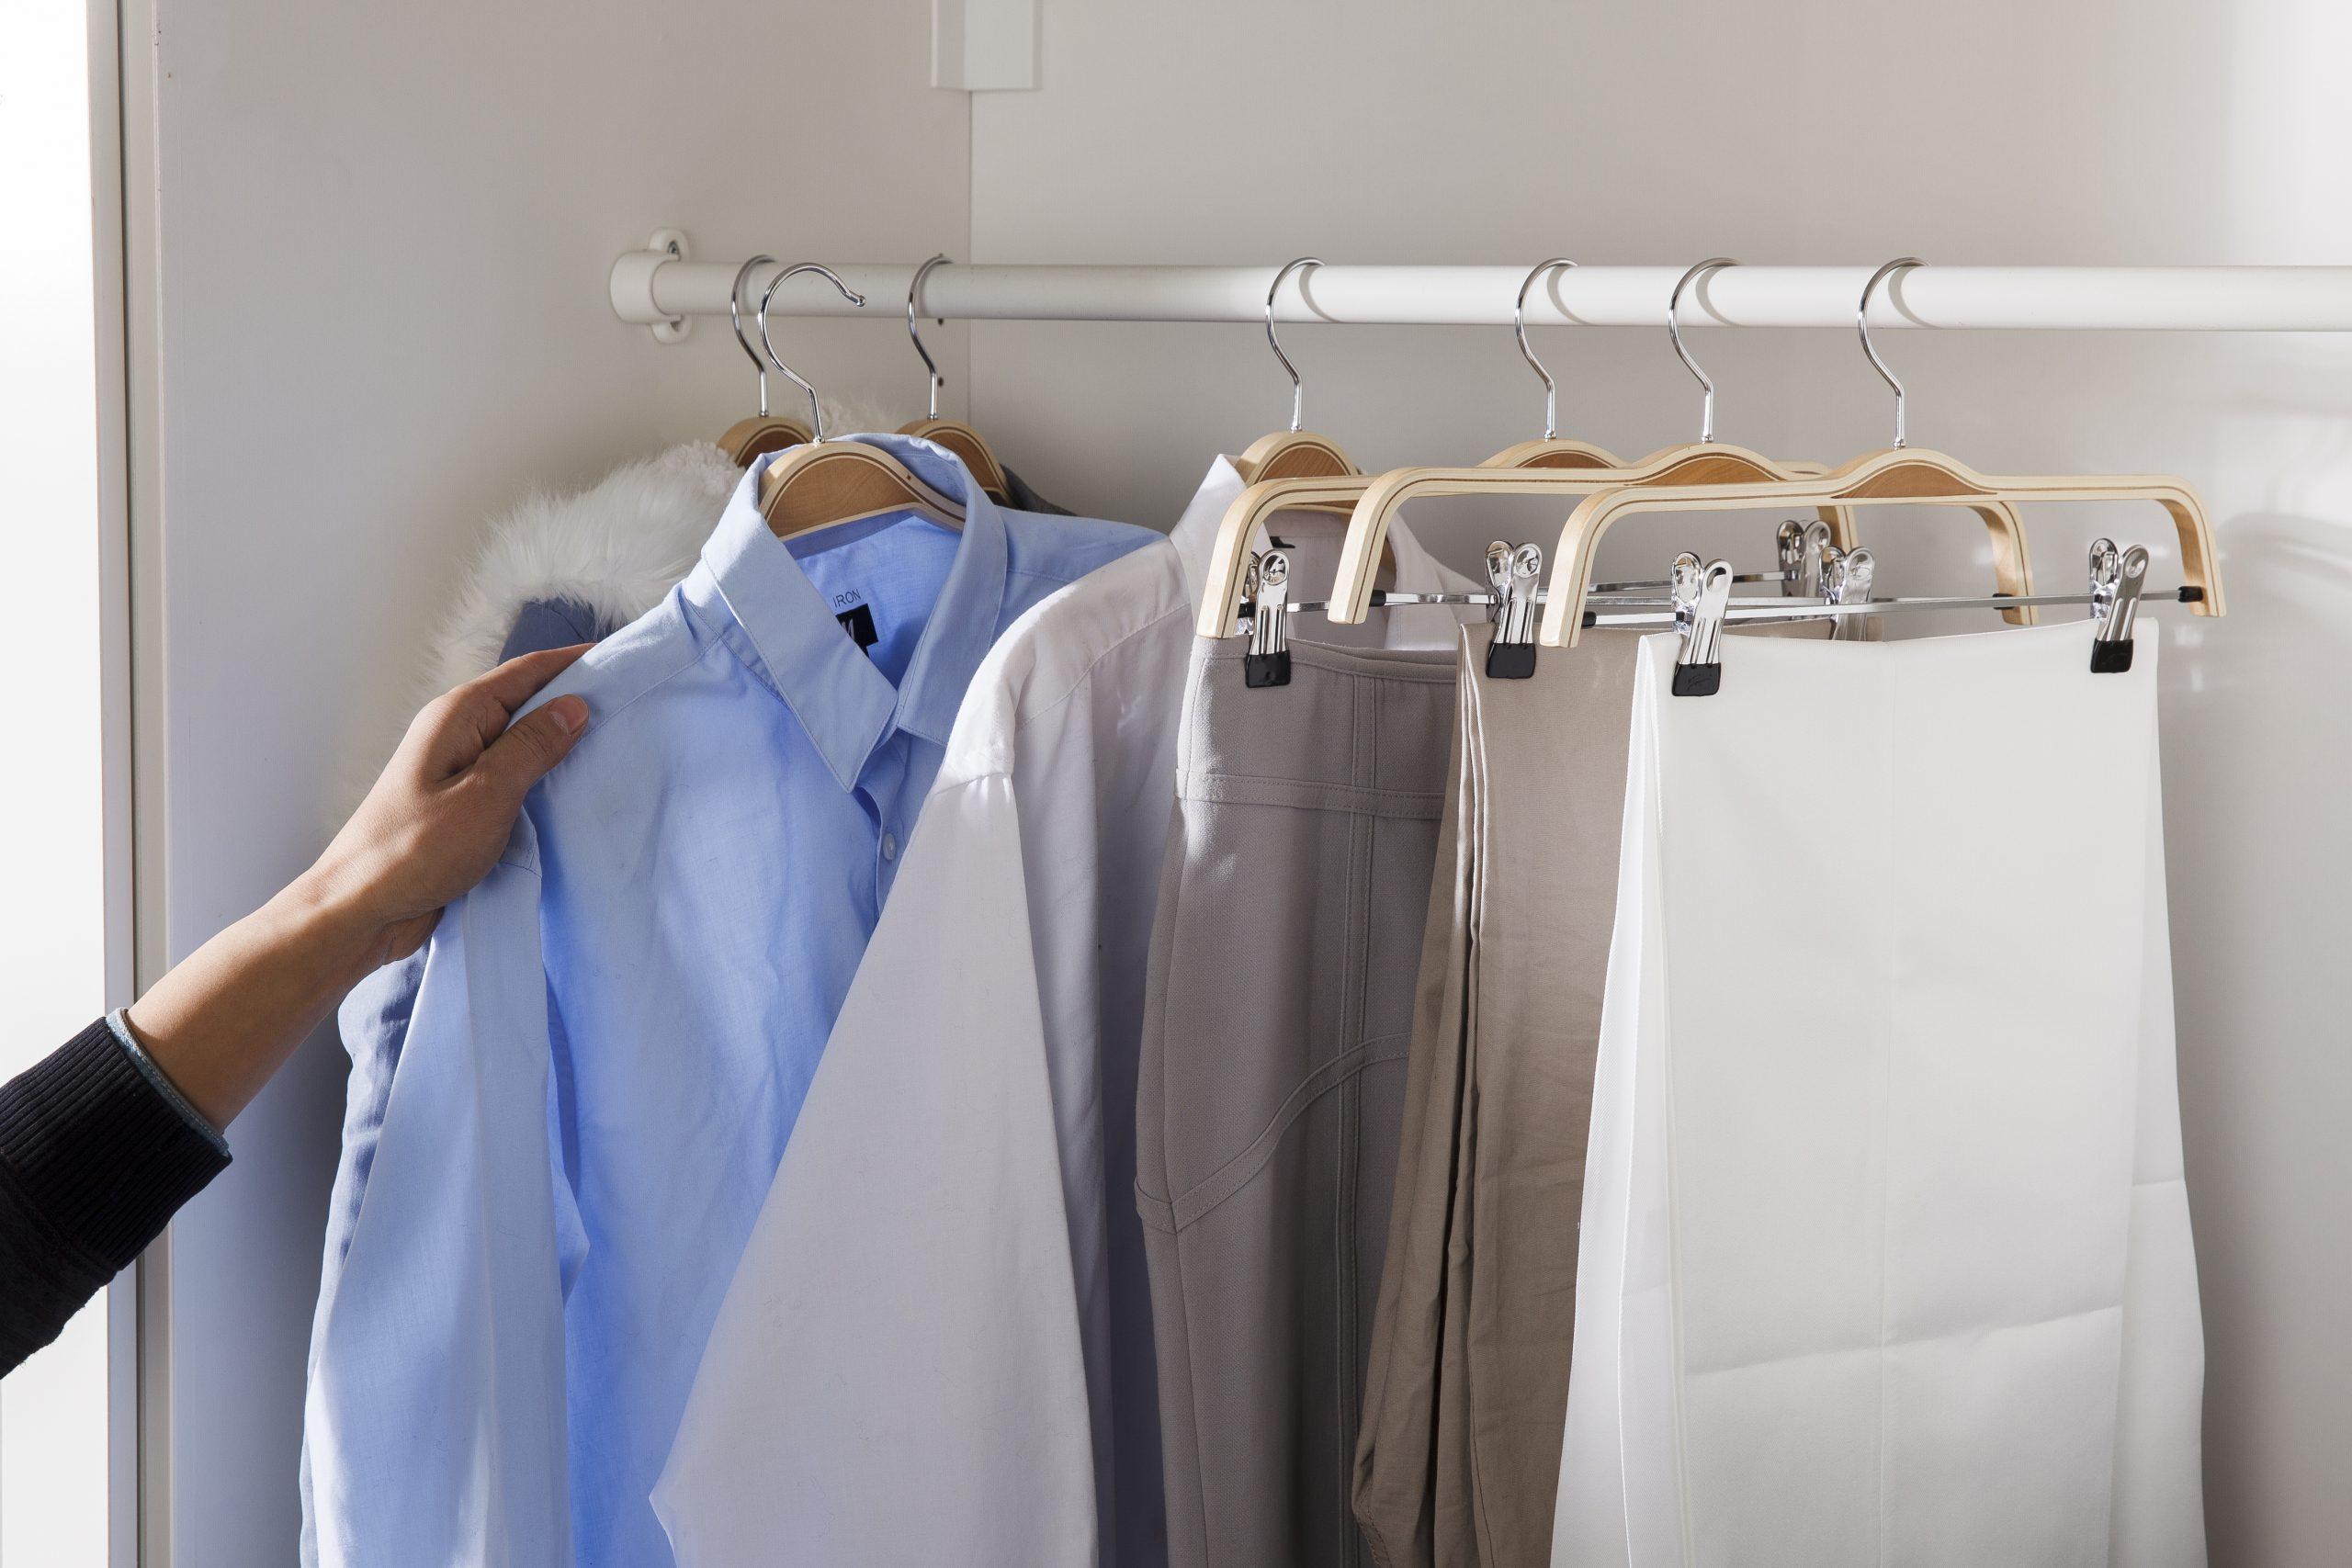 衣柜防霉防潮湿方案-抗菌剂/防霉剂/干燥剂/防霉片厂家批发